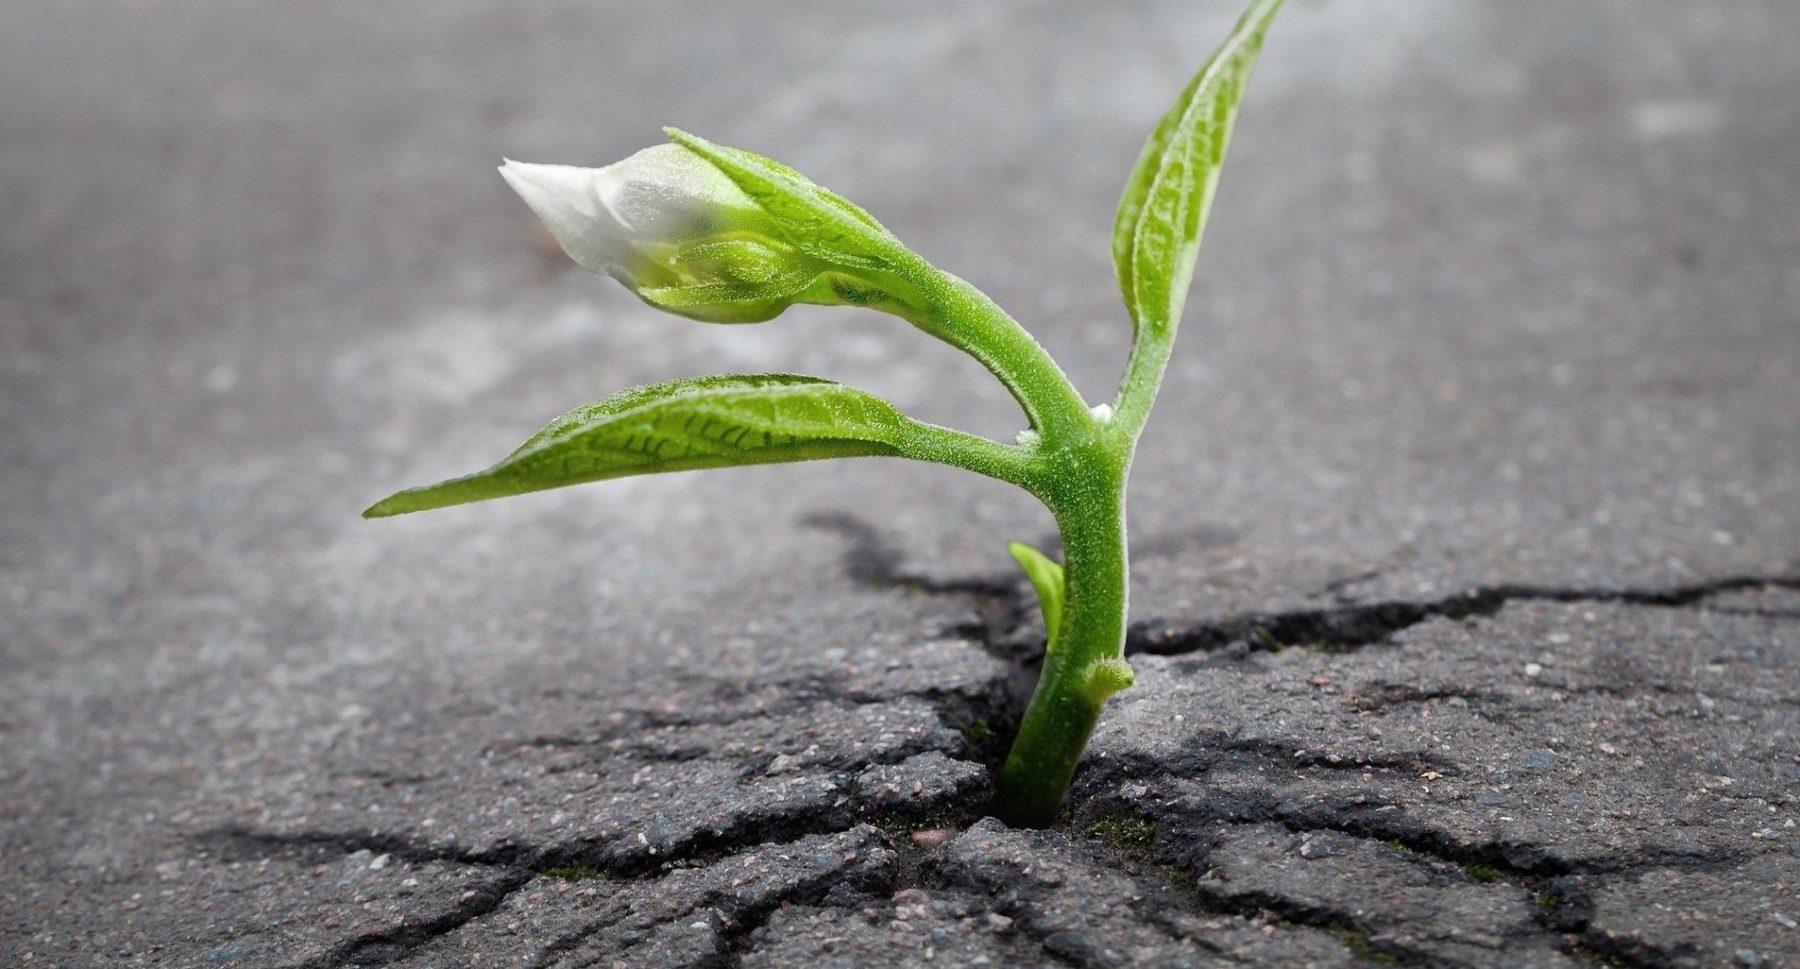 Alter Ausbauasphalt wird heute zu etwa 84 % wiederverwendet. Foto: Pixabay